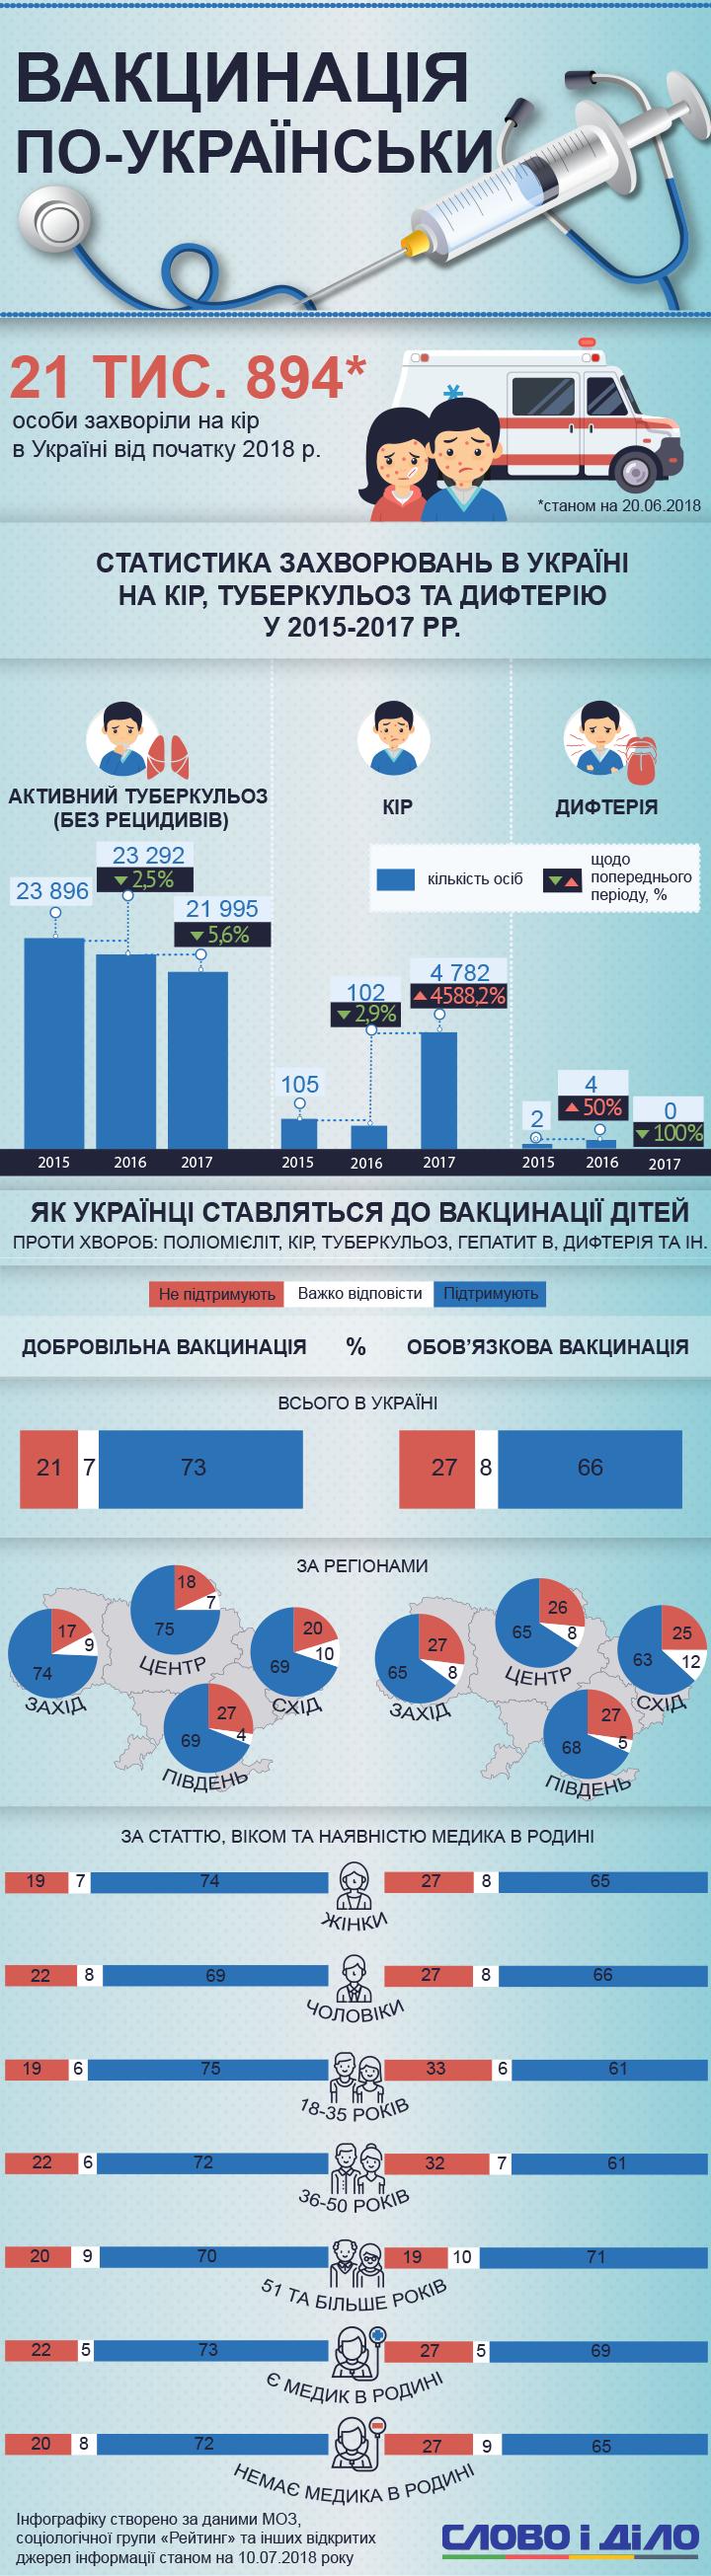 27 відсотків українців виступають проти обов'язкової вакцинації дітей, а 21 відсоток – не хоче робити цього добровільно.